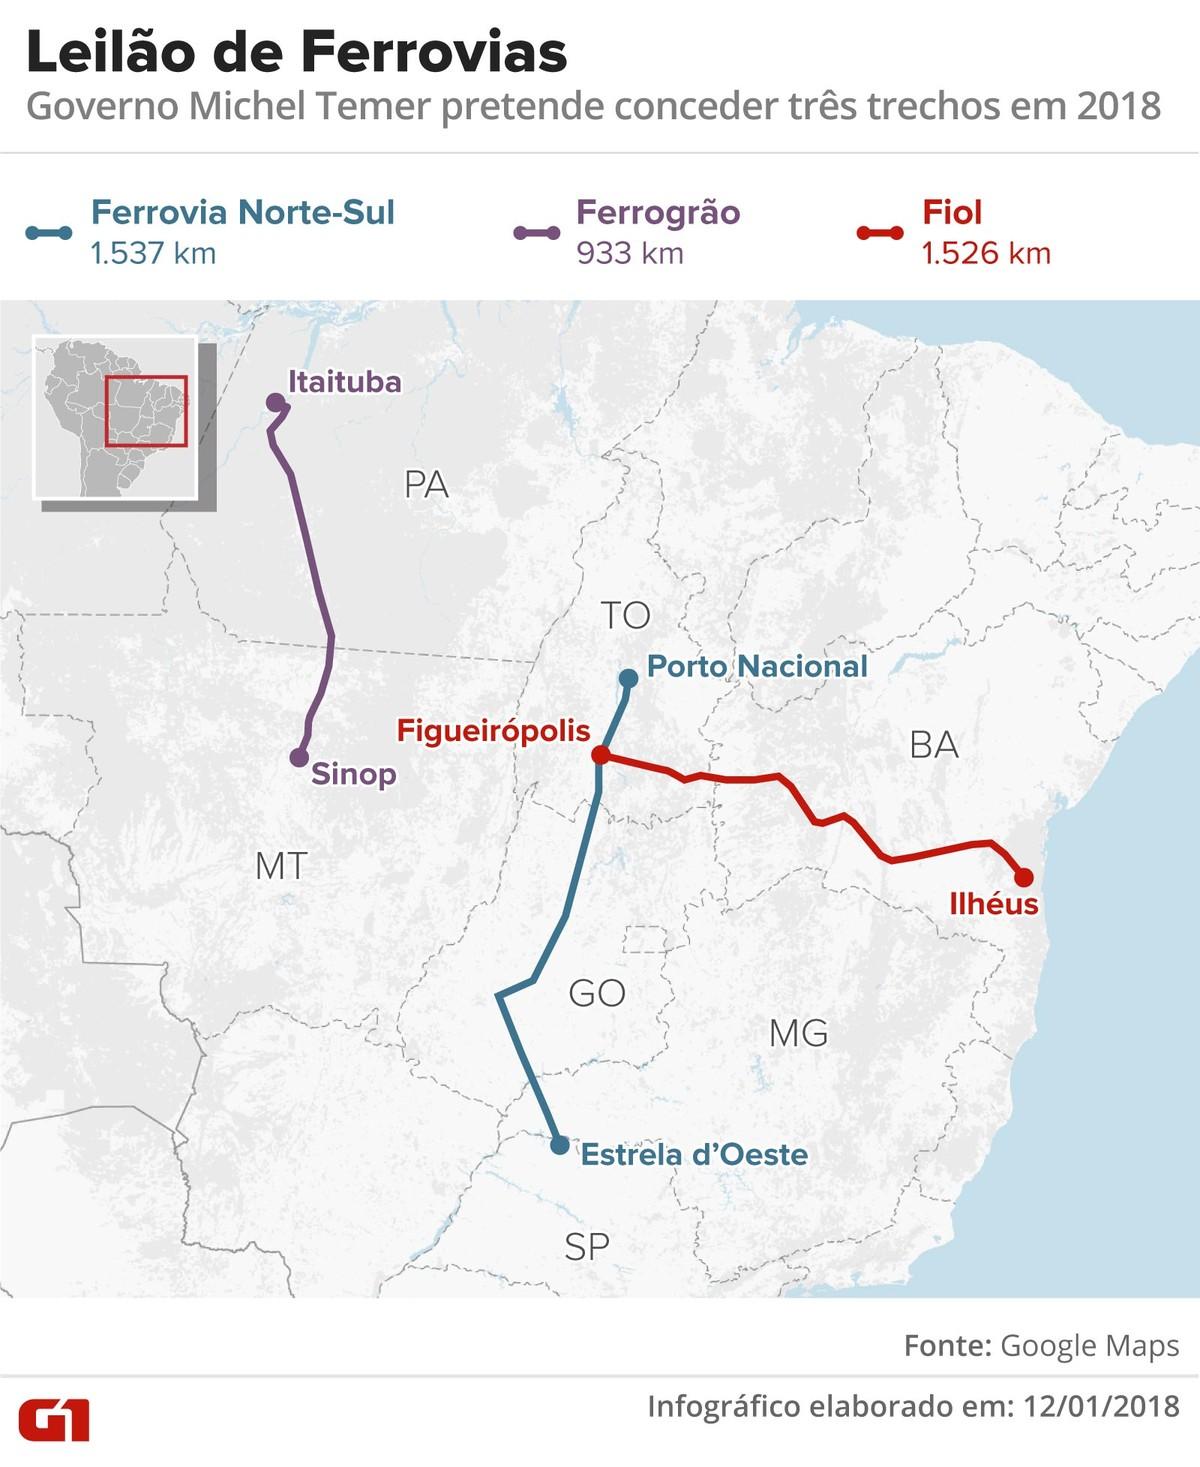 Incerteza motivada pela eleição deve adiar leilões de ferrovias para 2019,  dizem especialistas   Economia   G1 a4d22b4b68